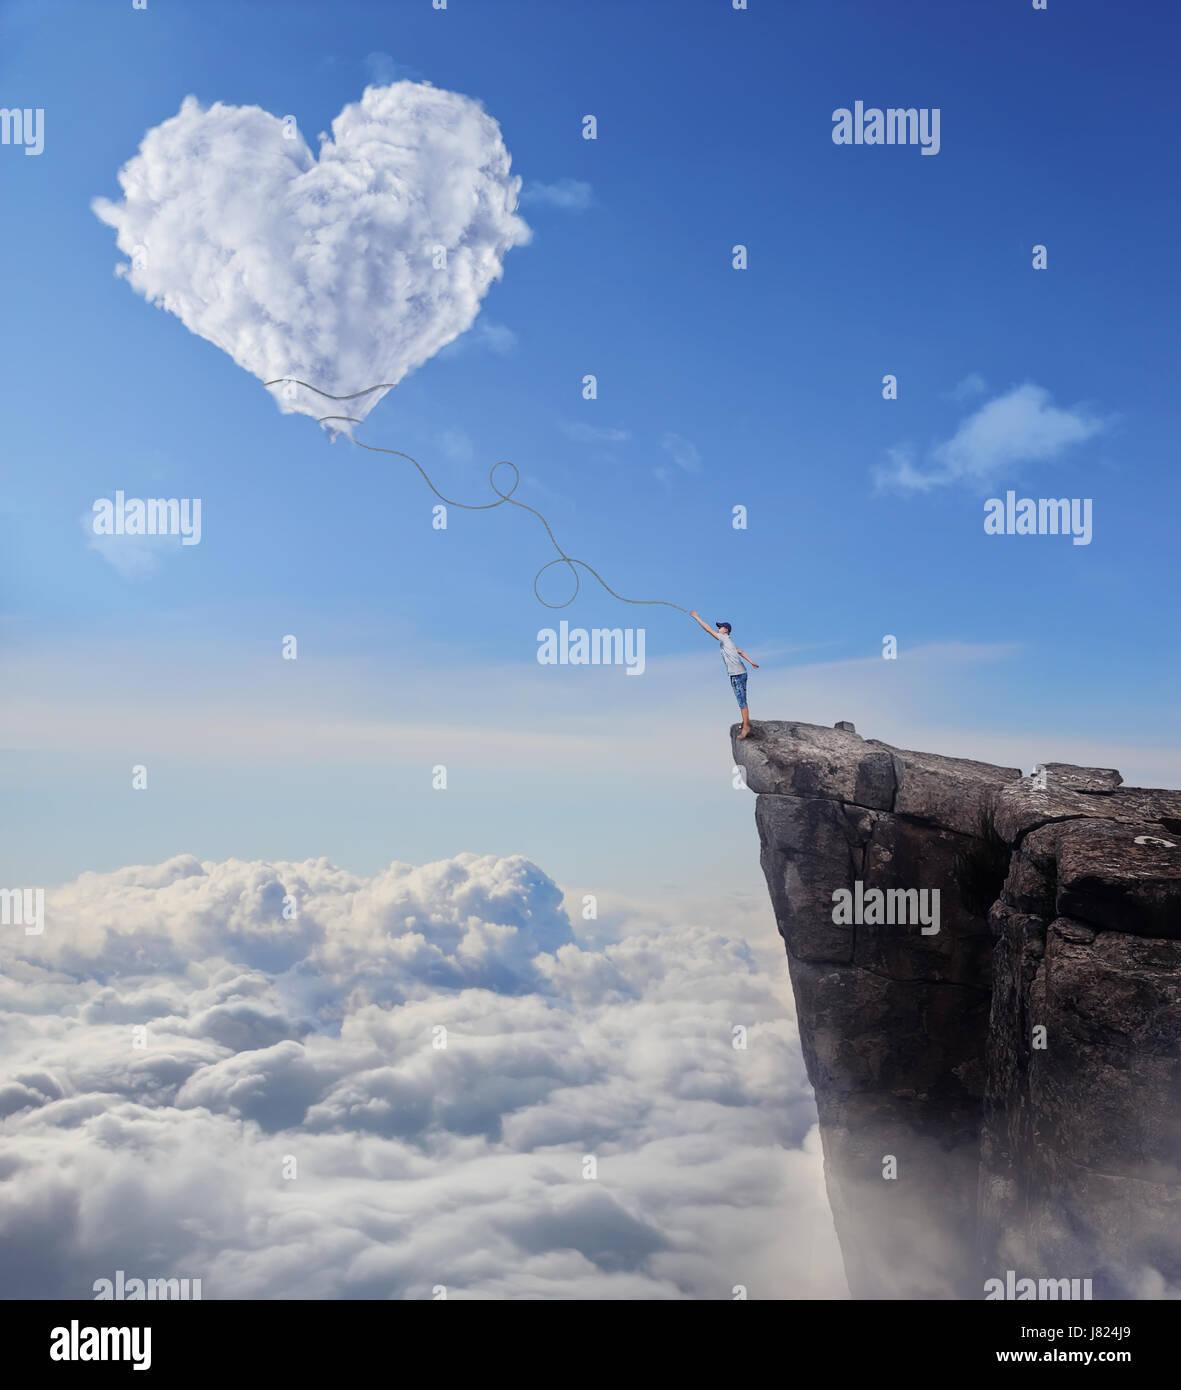 Vista imaginaria con un muchacho al borde de un acantilado, intentando coger una nube en forma de corazón con una Foto de stock